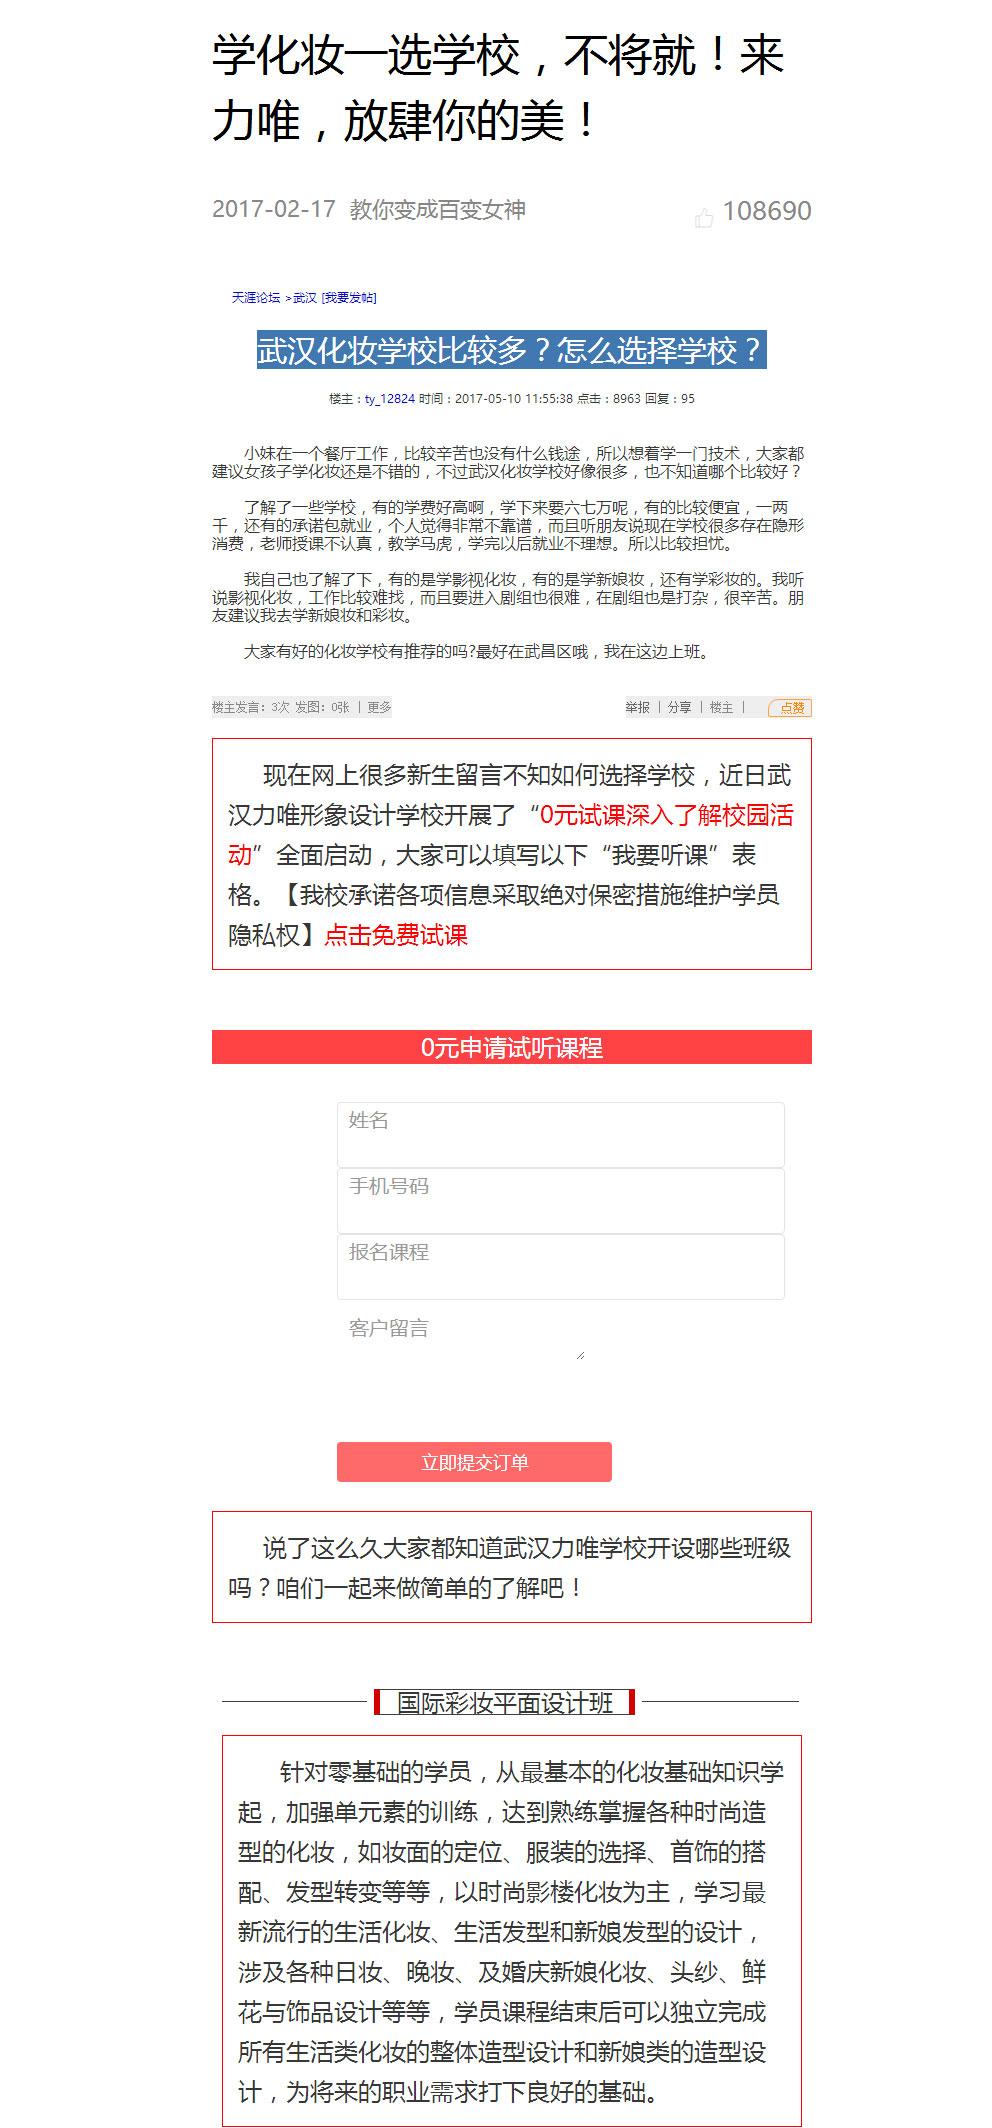 【美容美甲行业】移动端网站仿微信公众号与天涯论坛-网站建设案例 第2张